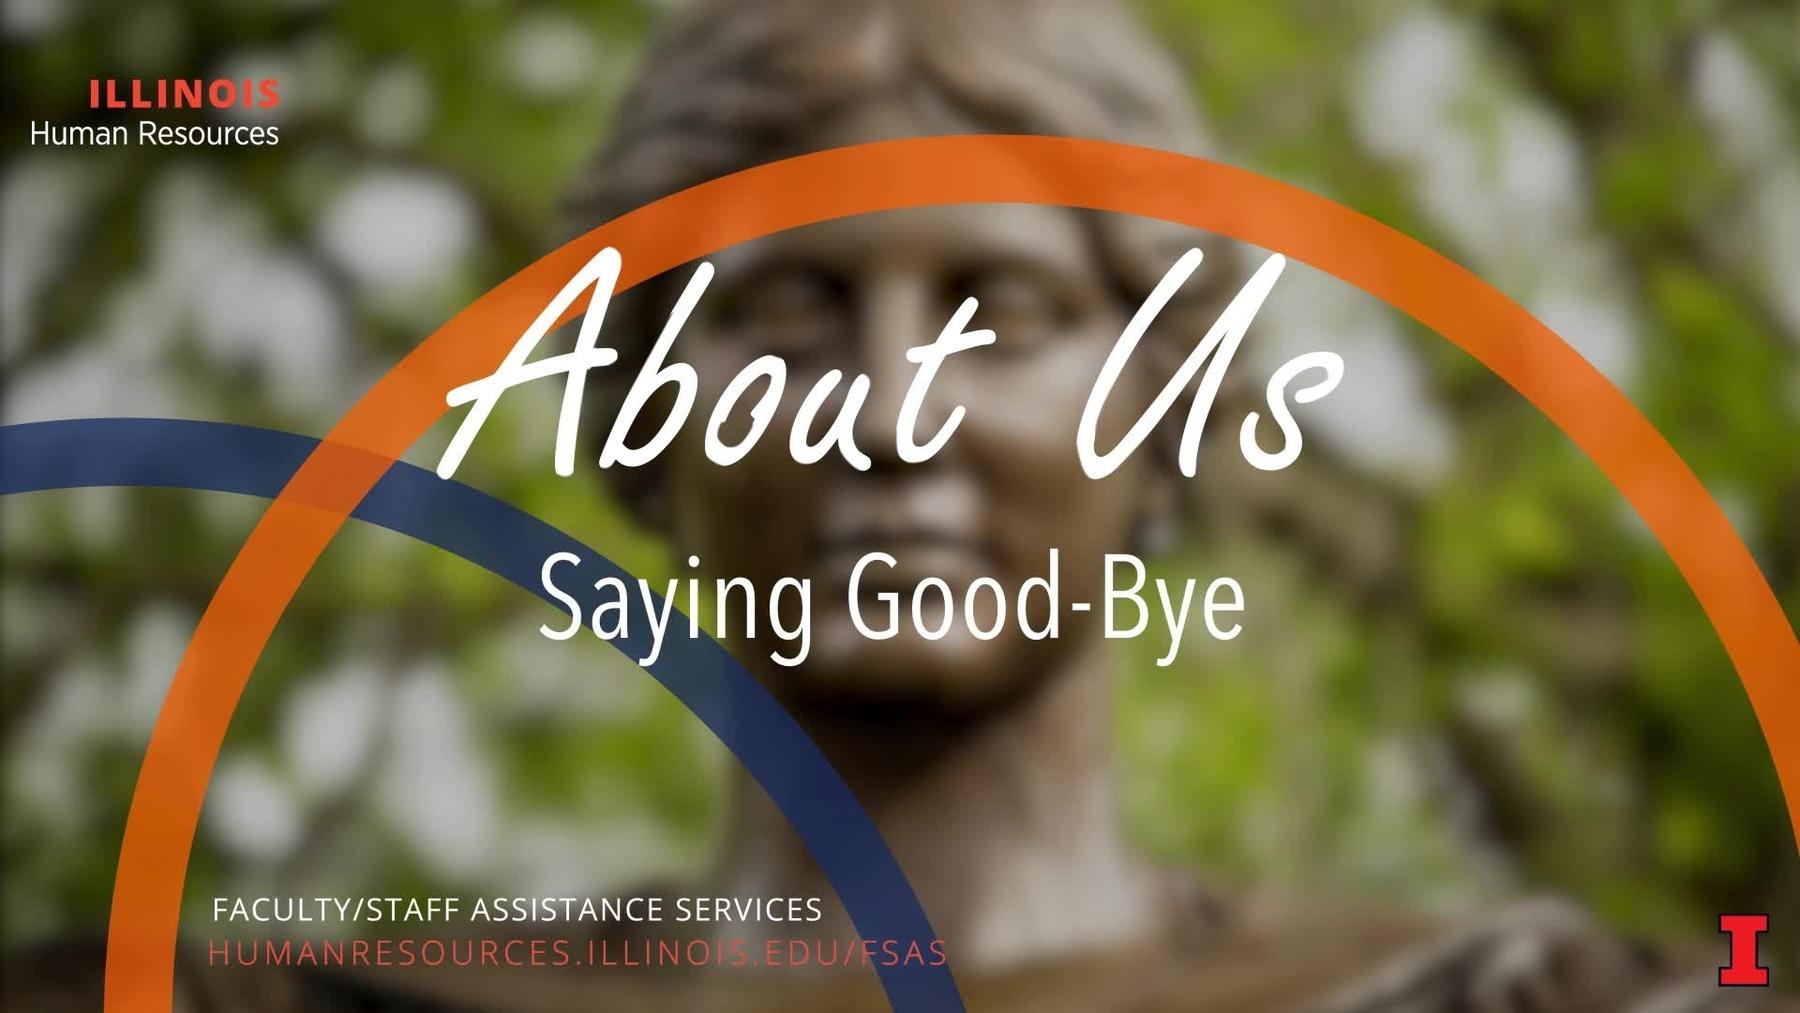 Saying Good-Bye Image